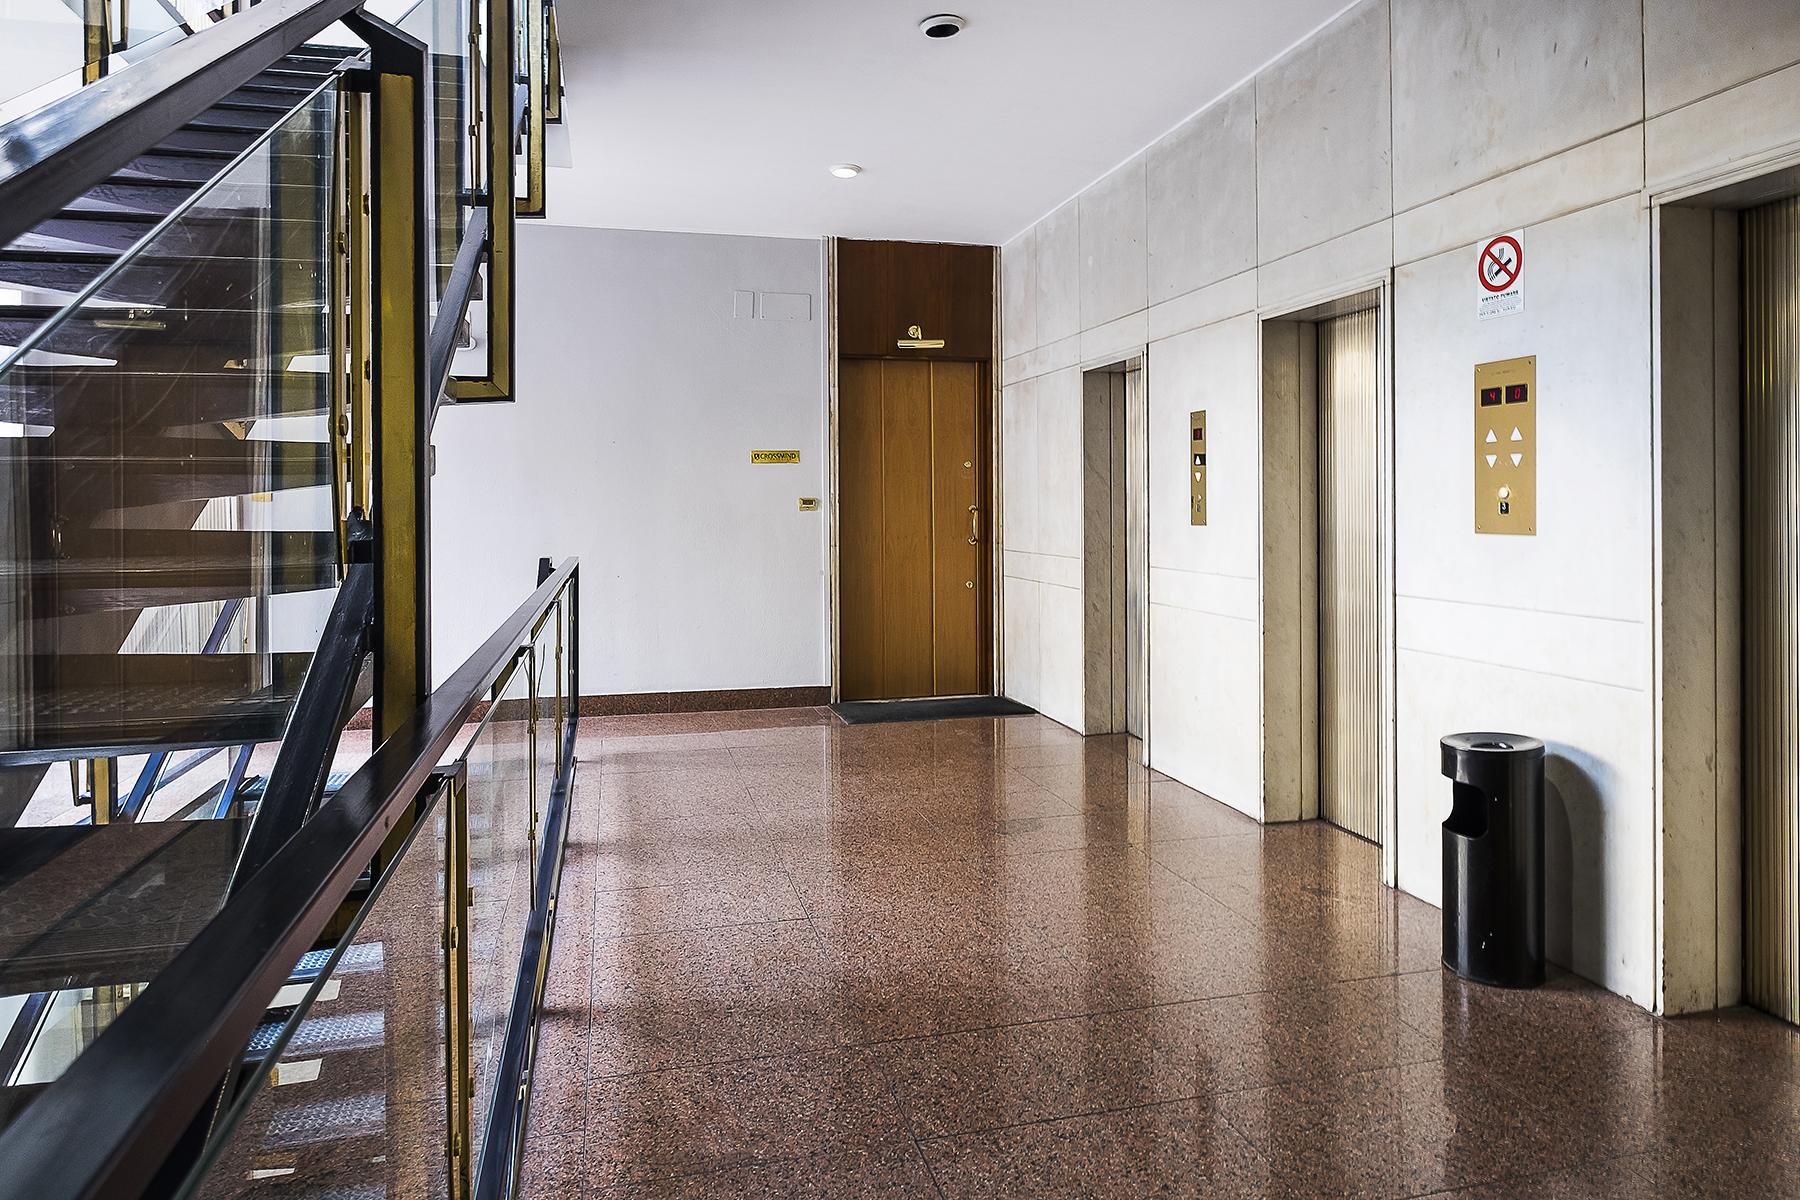 Ufficio studio di lusso in affitto a roma via parigi for Affitto ufficio giornaliero roma